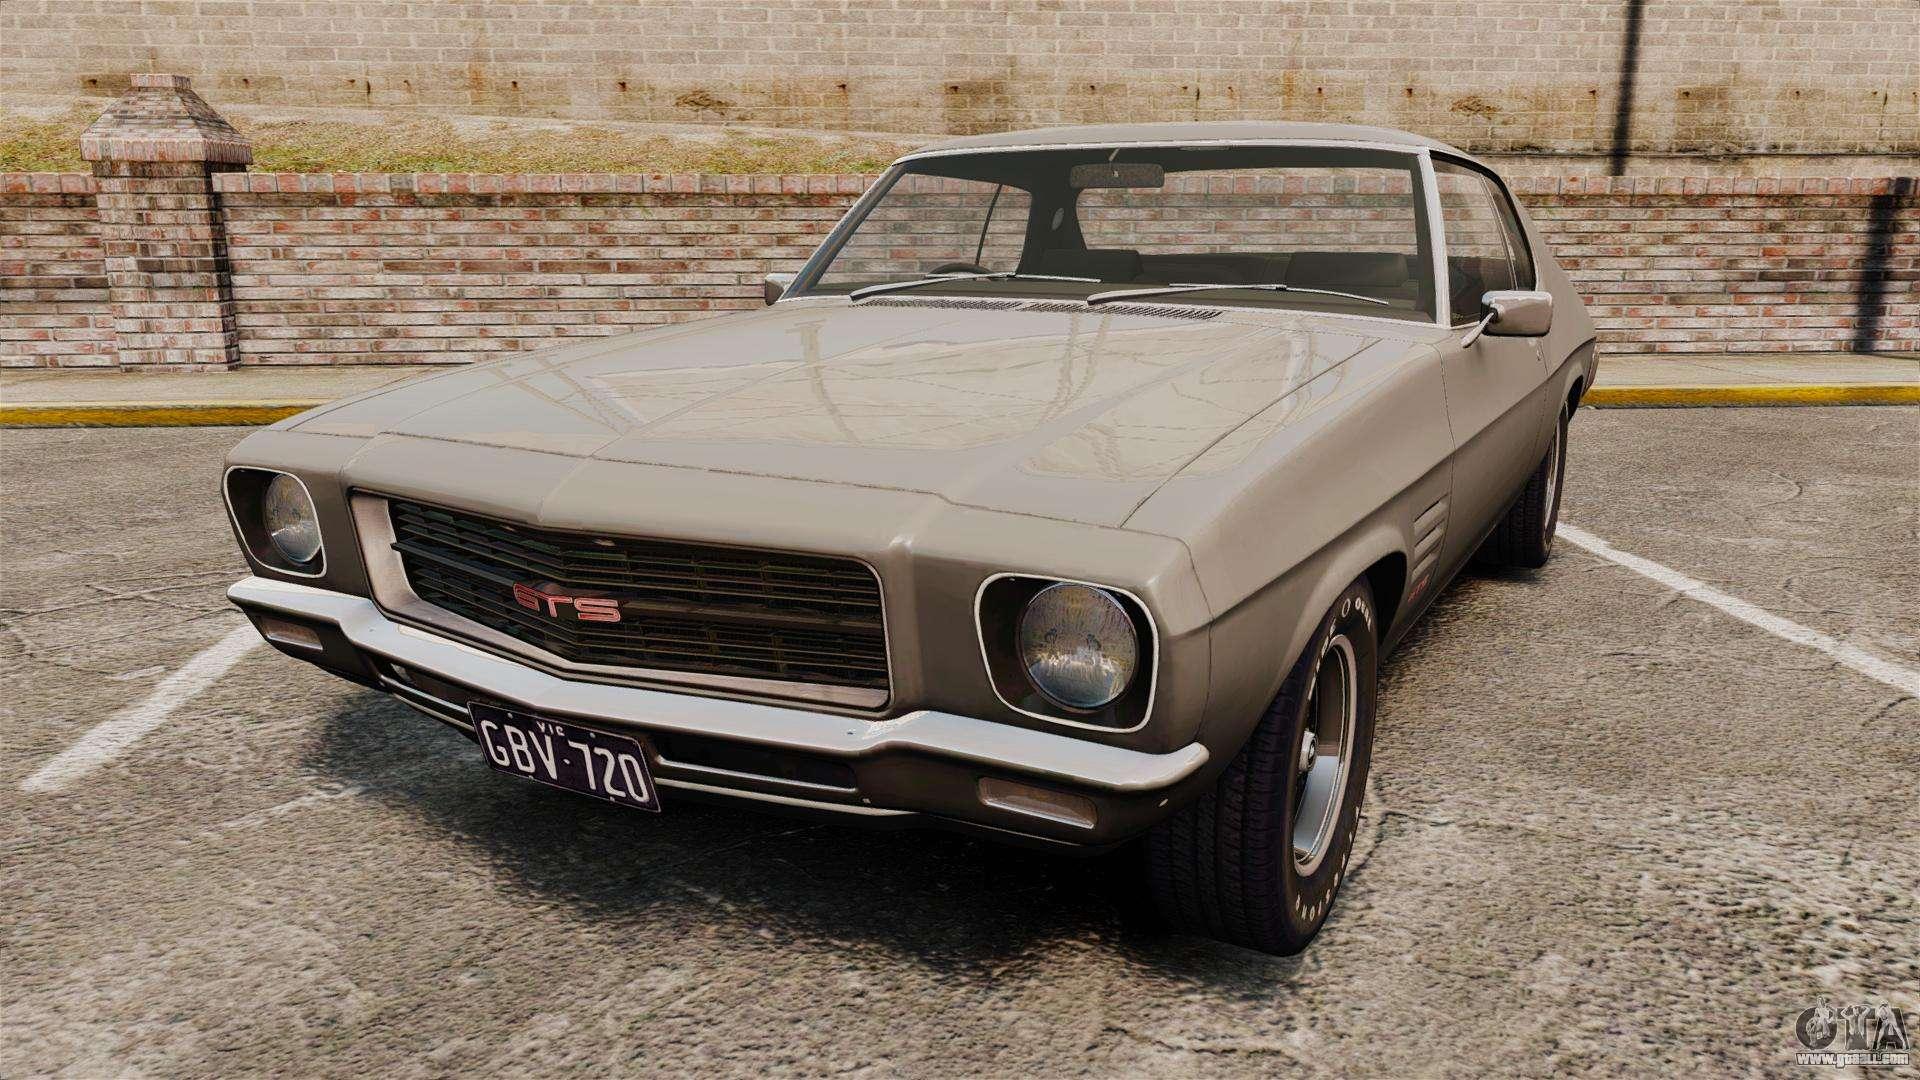 Holden Monaro Truck | www.pixshark.com - Images Galleries ...